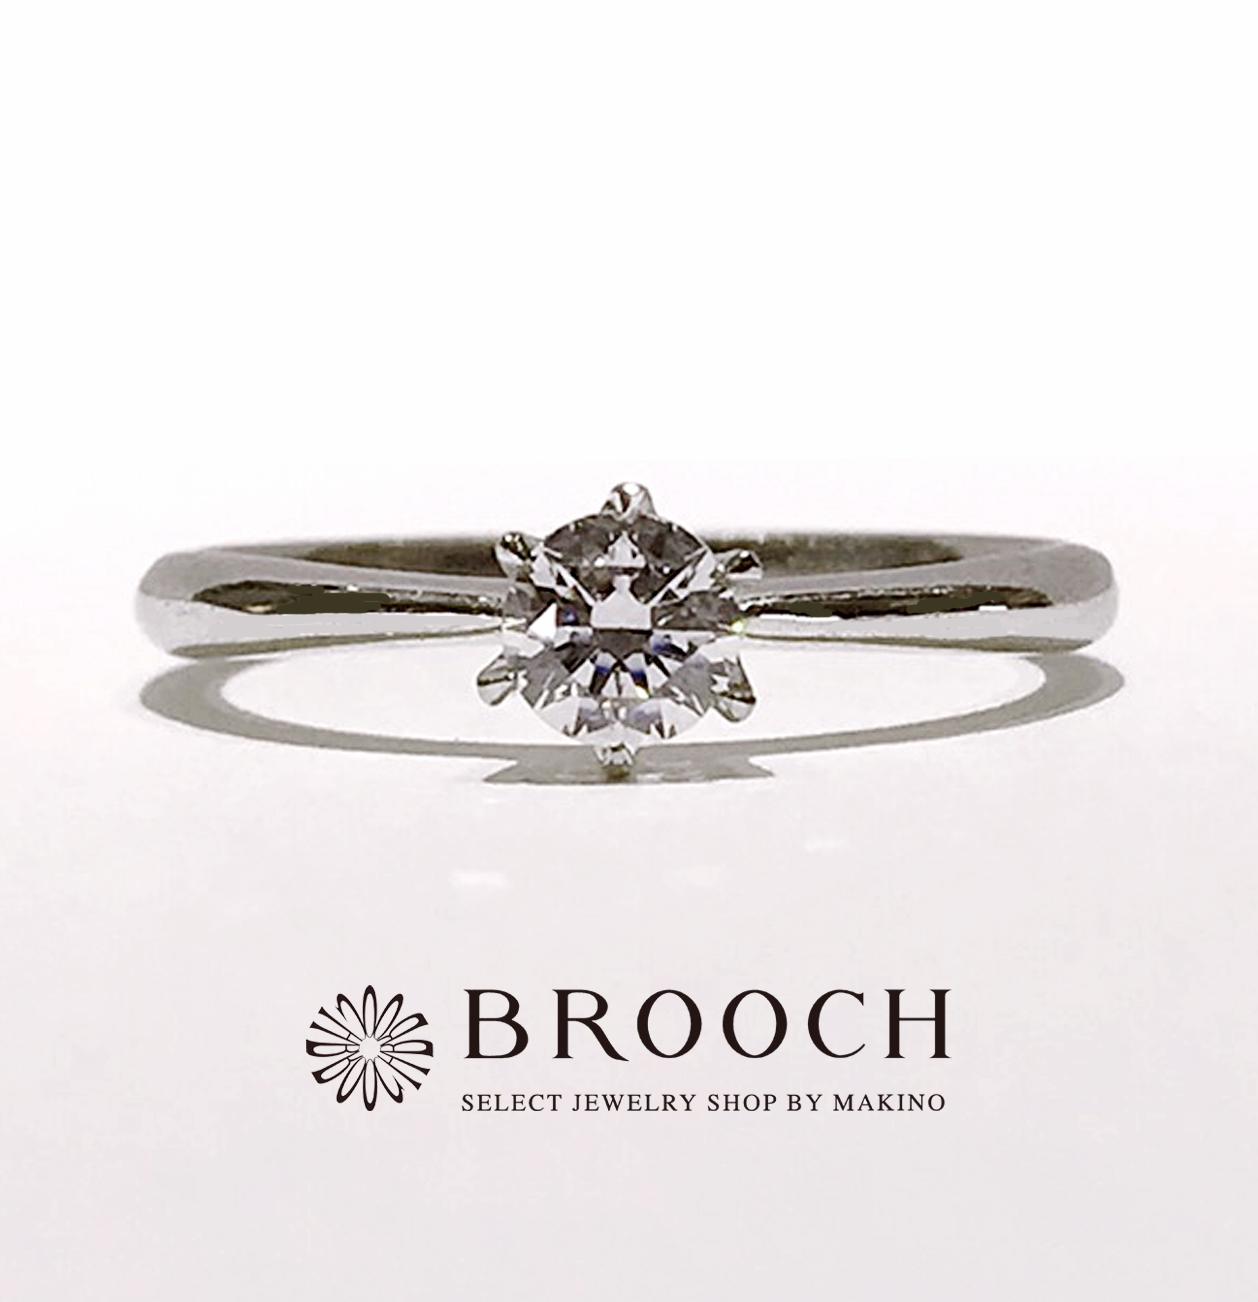 BROOCH 婚約指輪 エンゲージリング 王道シンプルデザイン